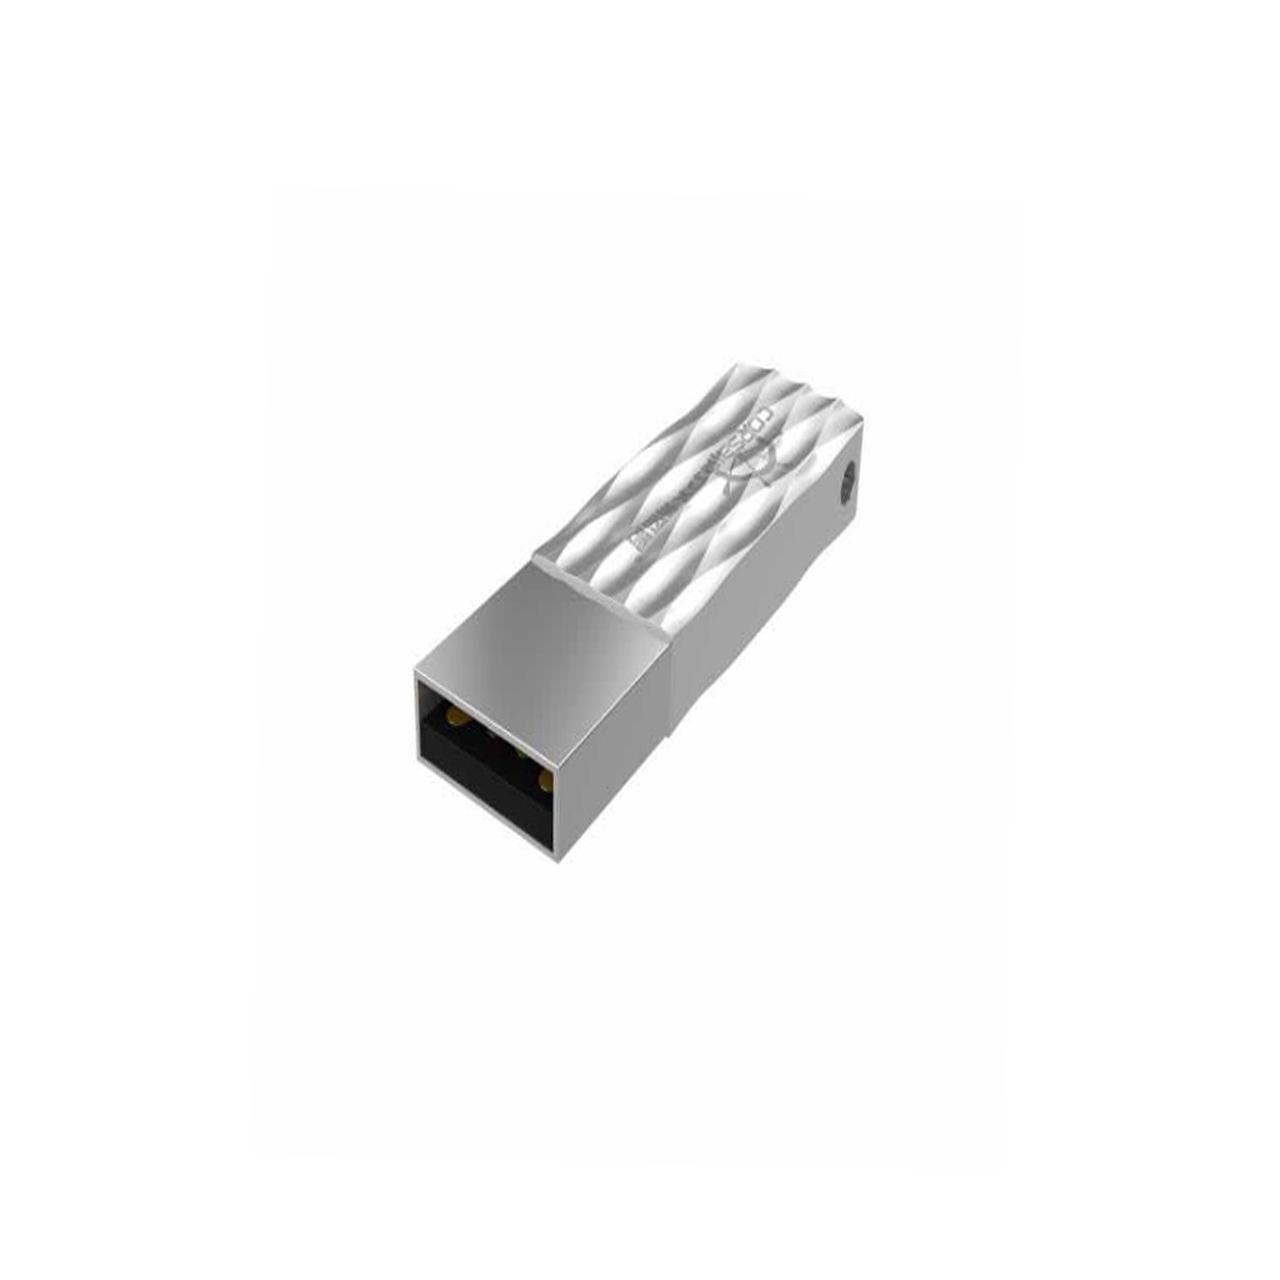 فلش مموری USB 2.0  کرسیر دی کی  مدل HT1807U1 ظرفیت 8 گیگابایت